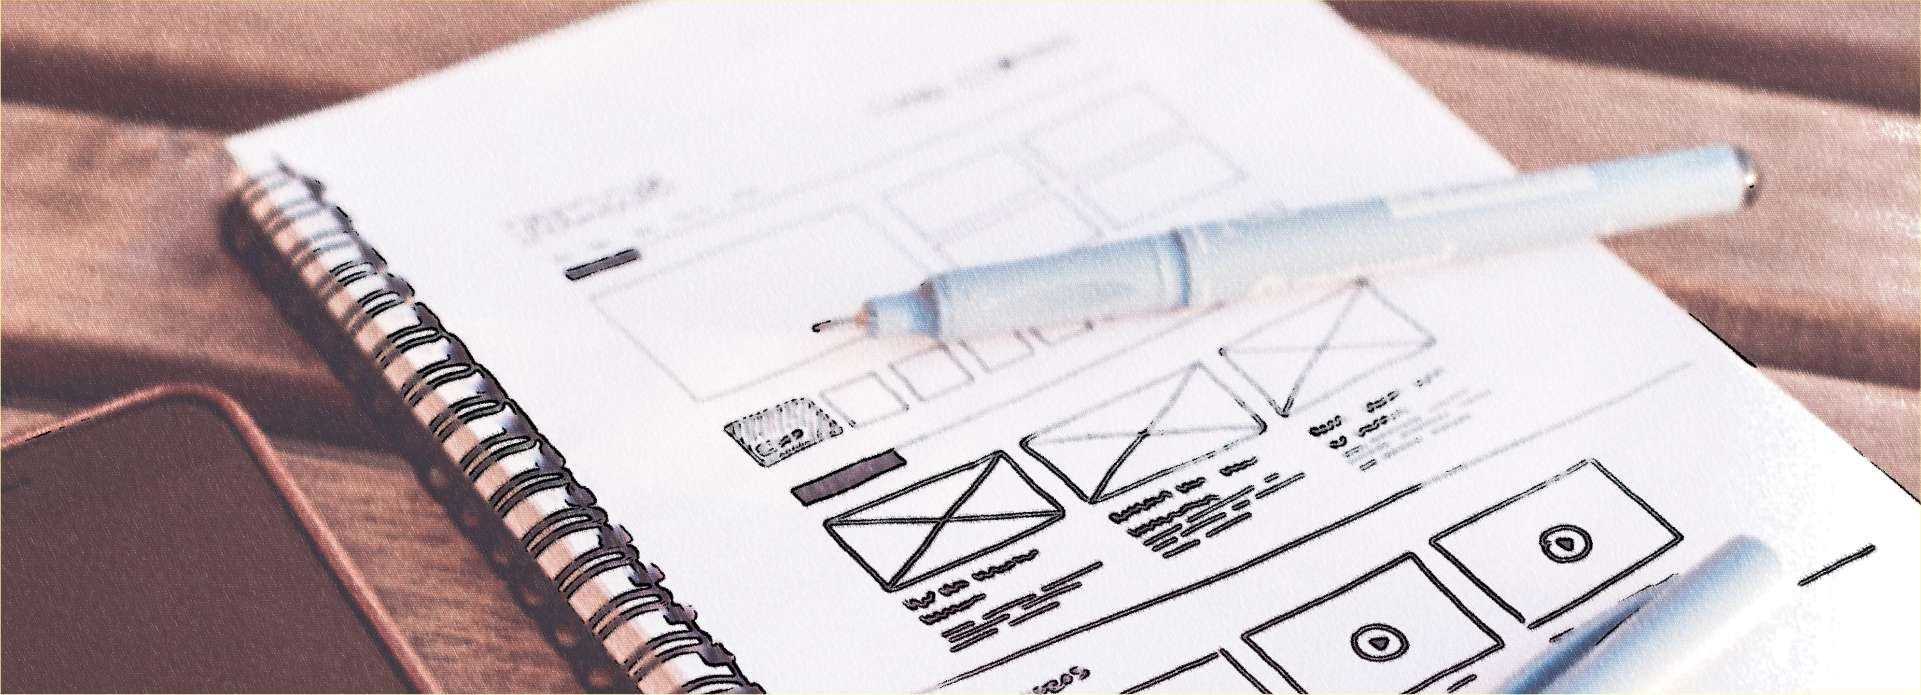 La progettazione grafica in Graf, Studio Grafico e stampa Digitale a Roma